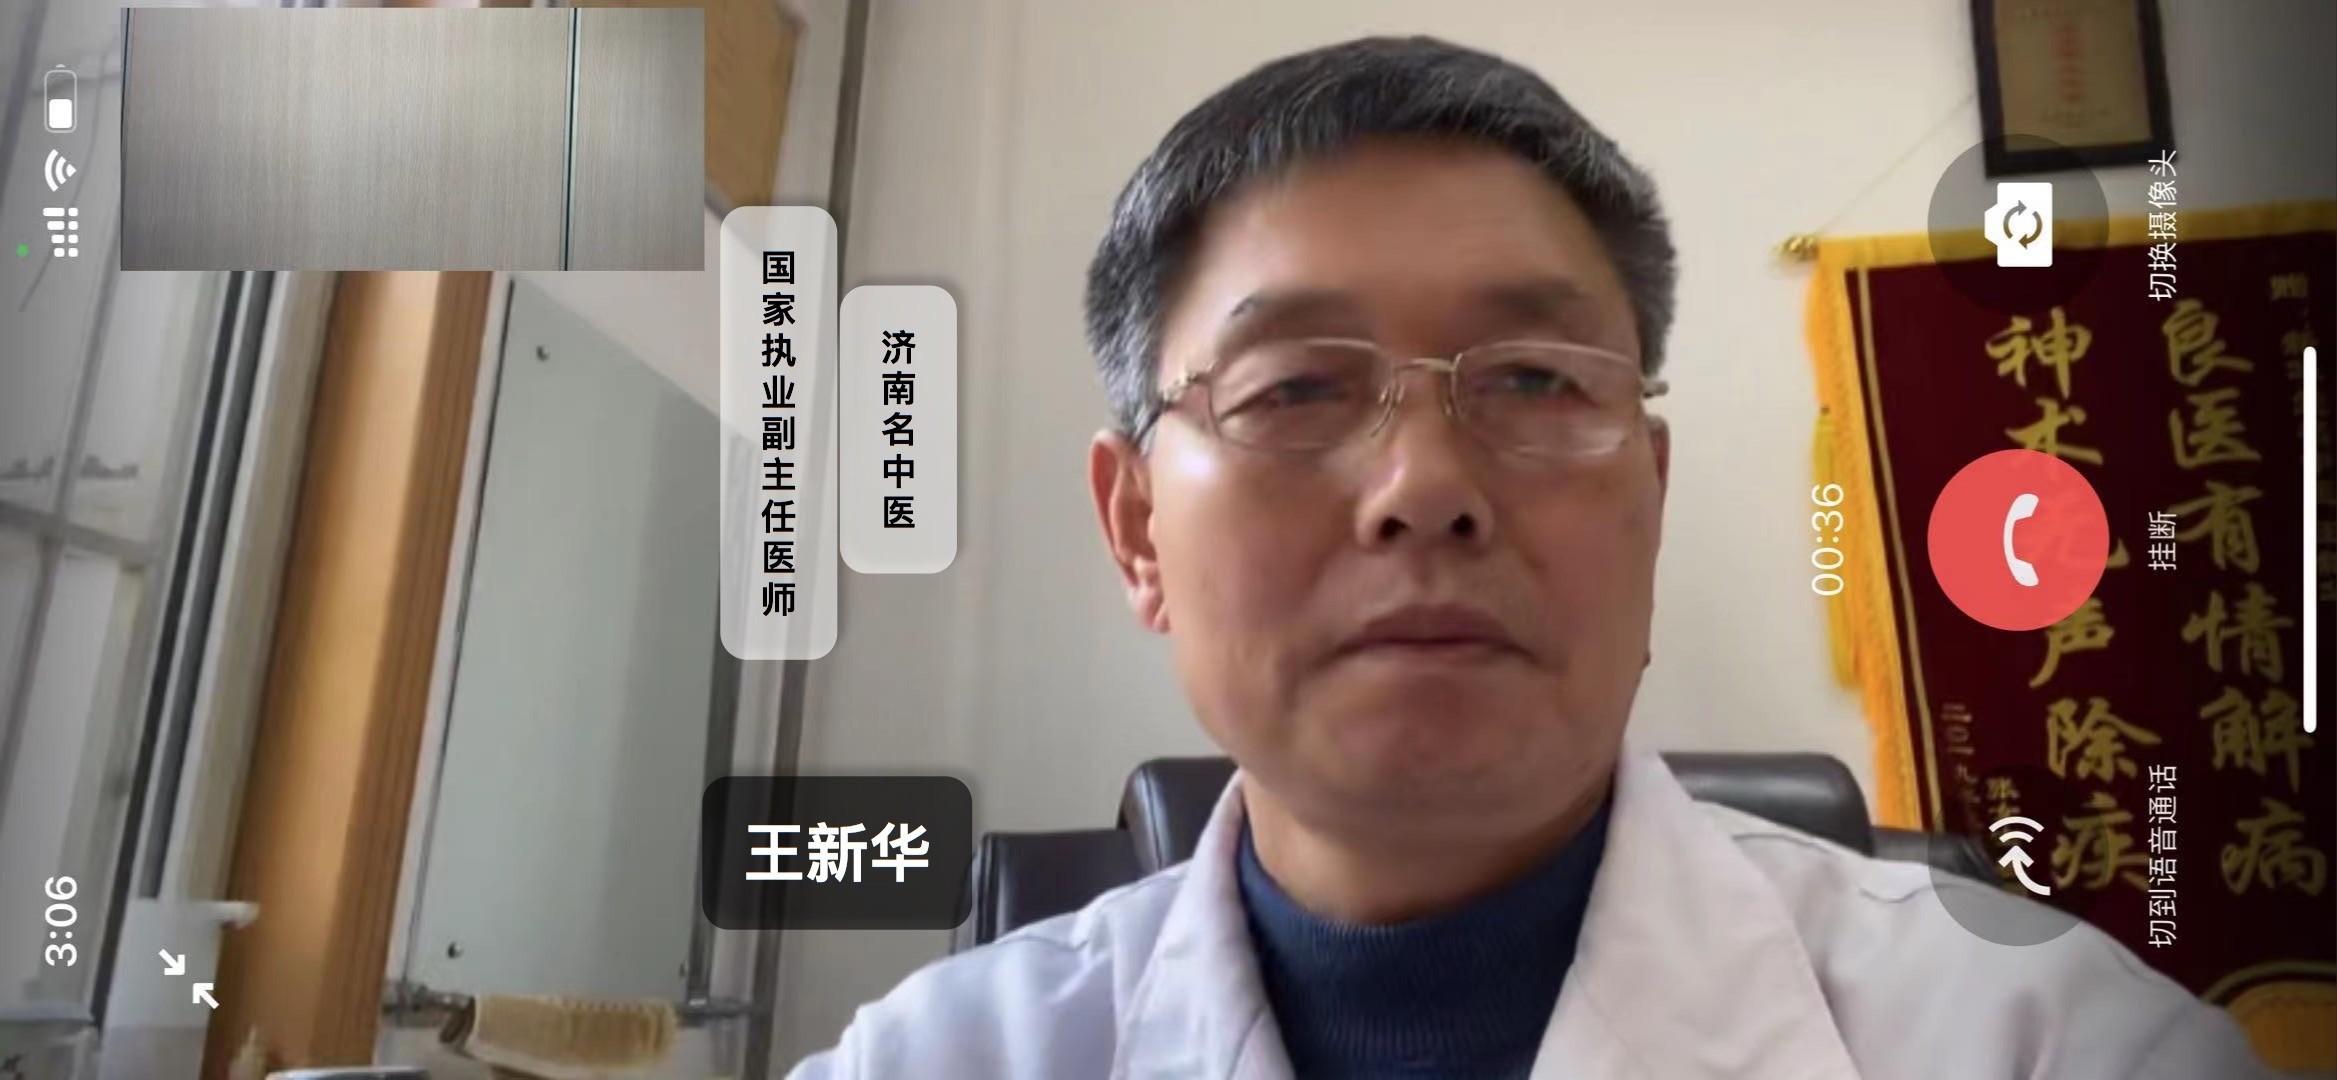 济南名中医新华堂王新华医师深度解读心肌疾病